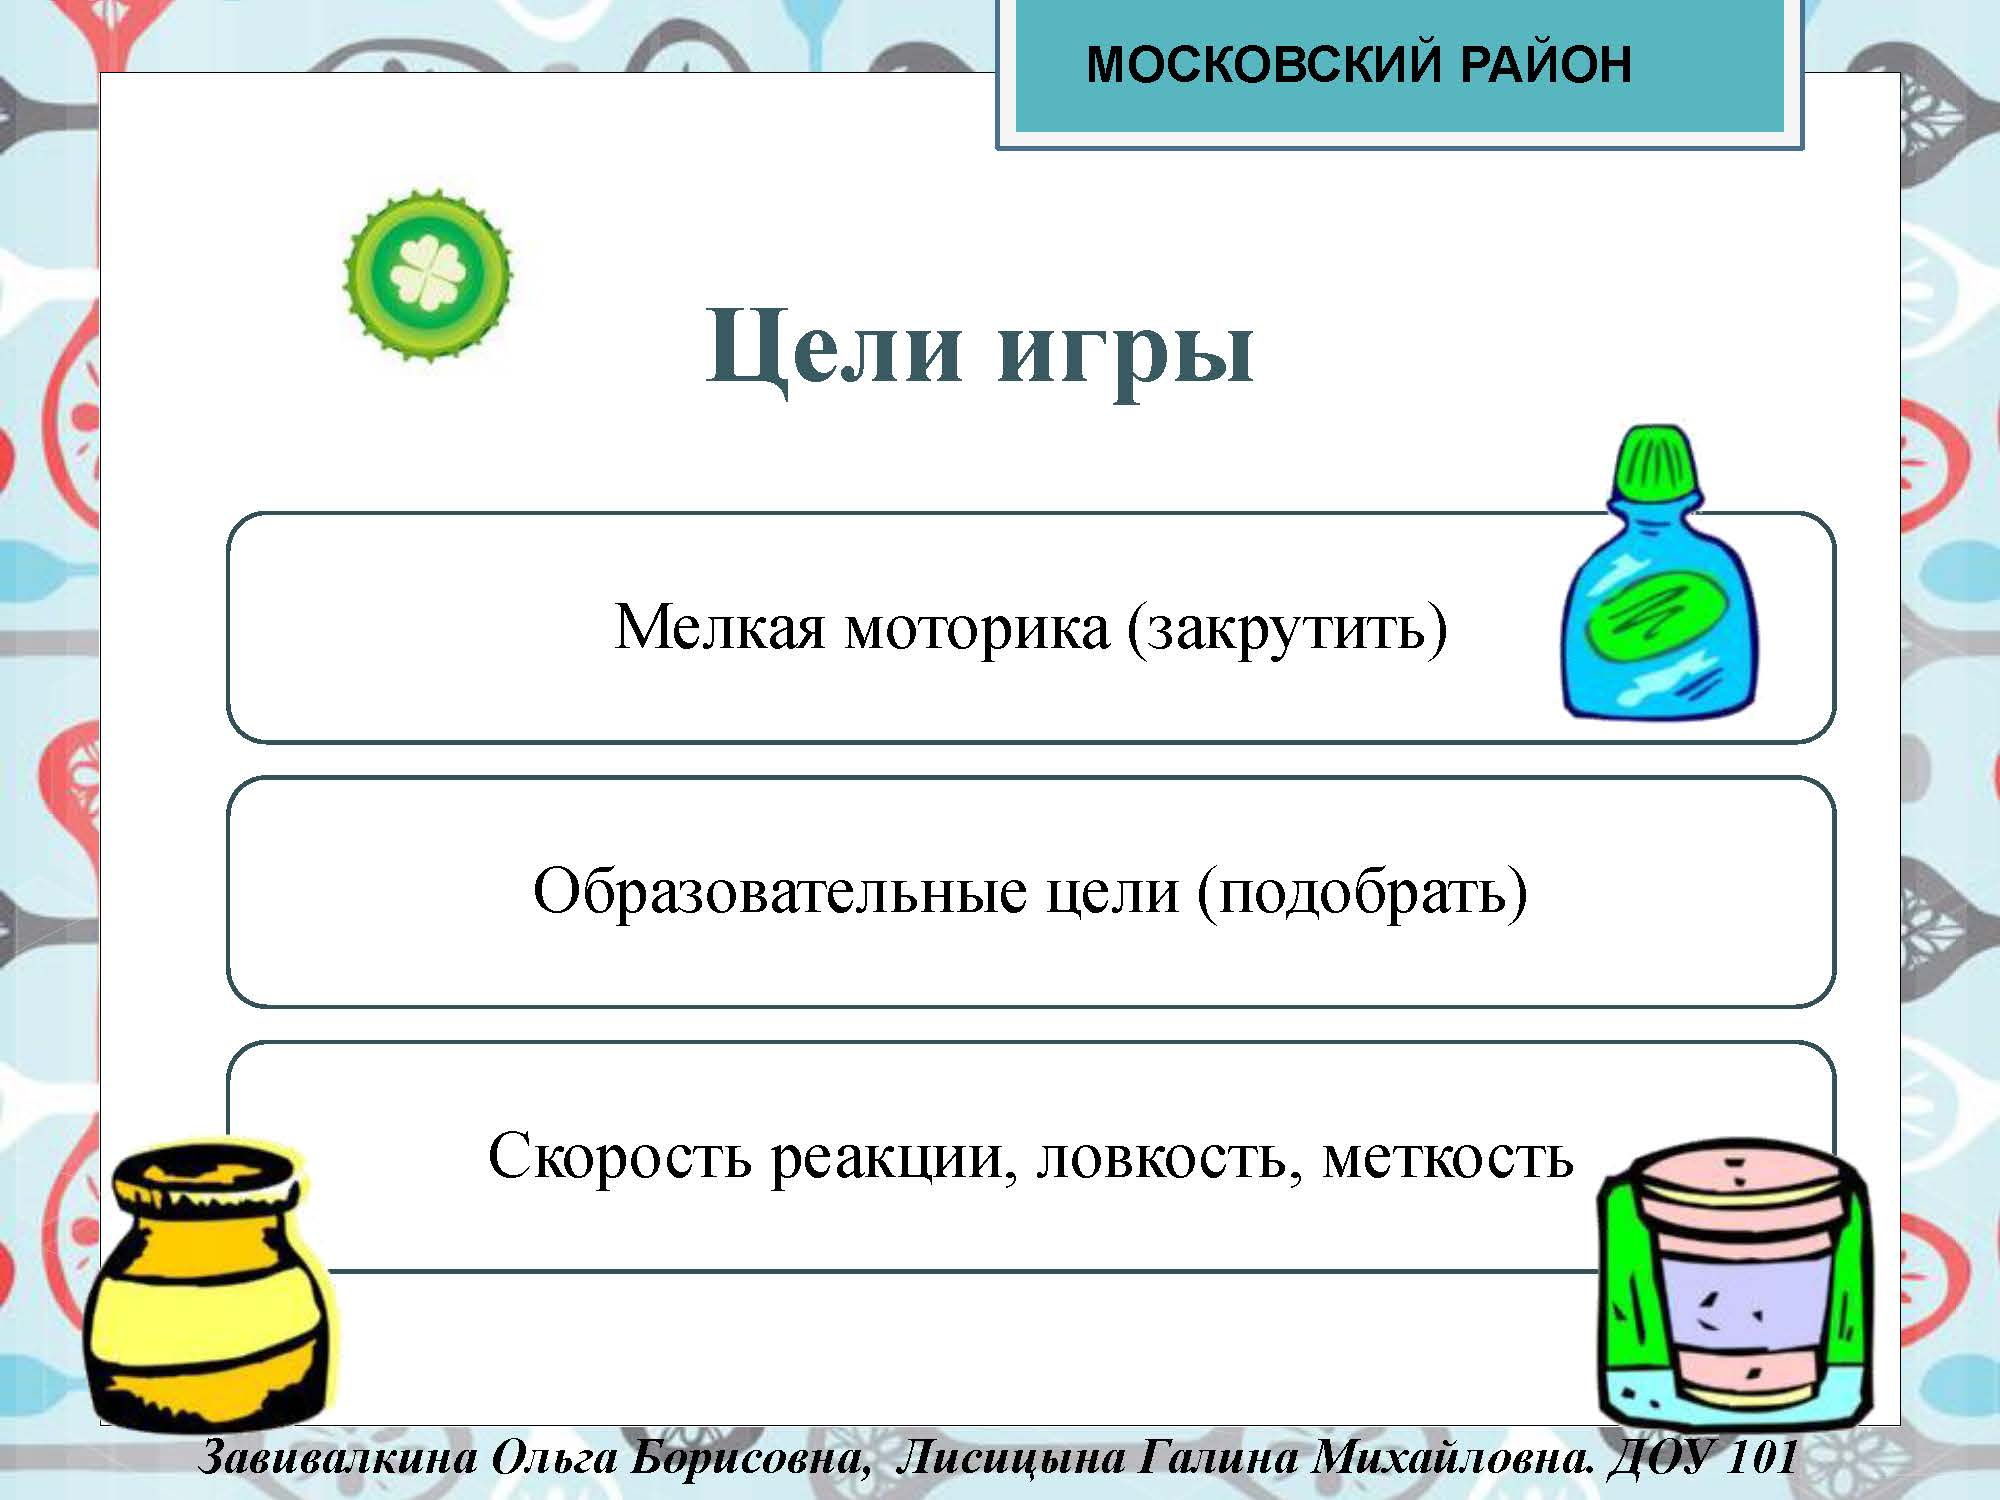 секция 8. ДОУ 101, эко. Московский район_Страница_25